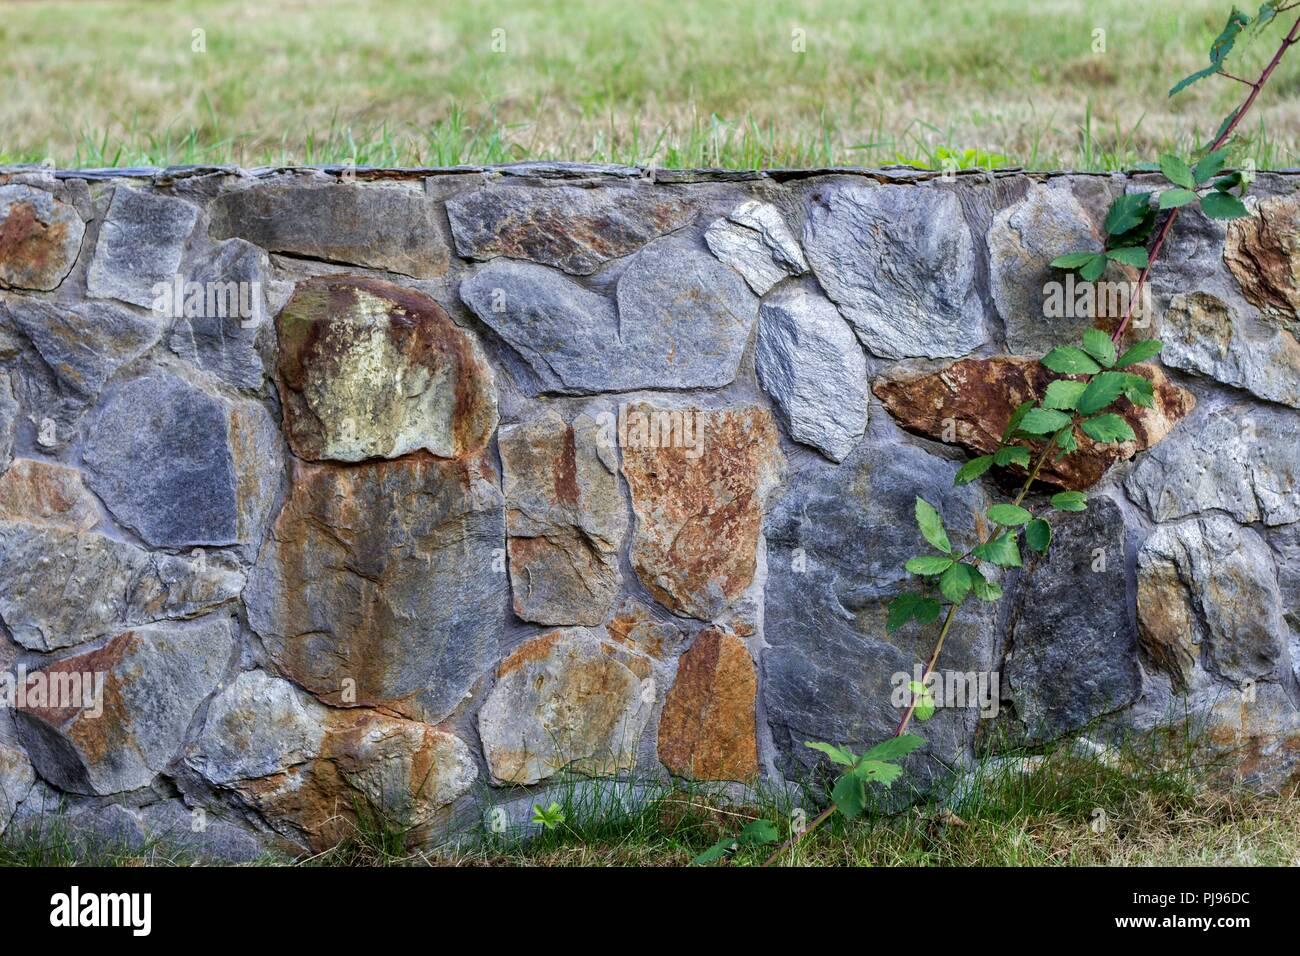 Gartenzaun aus Schiefer Stein -Textur Stockfoto, Bild: 217790872 - Alamy